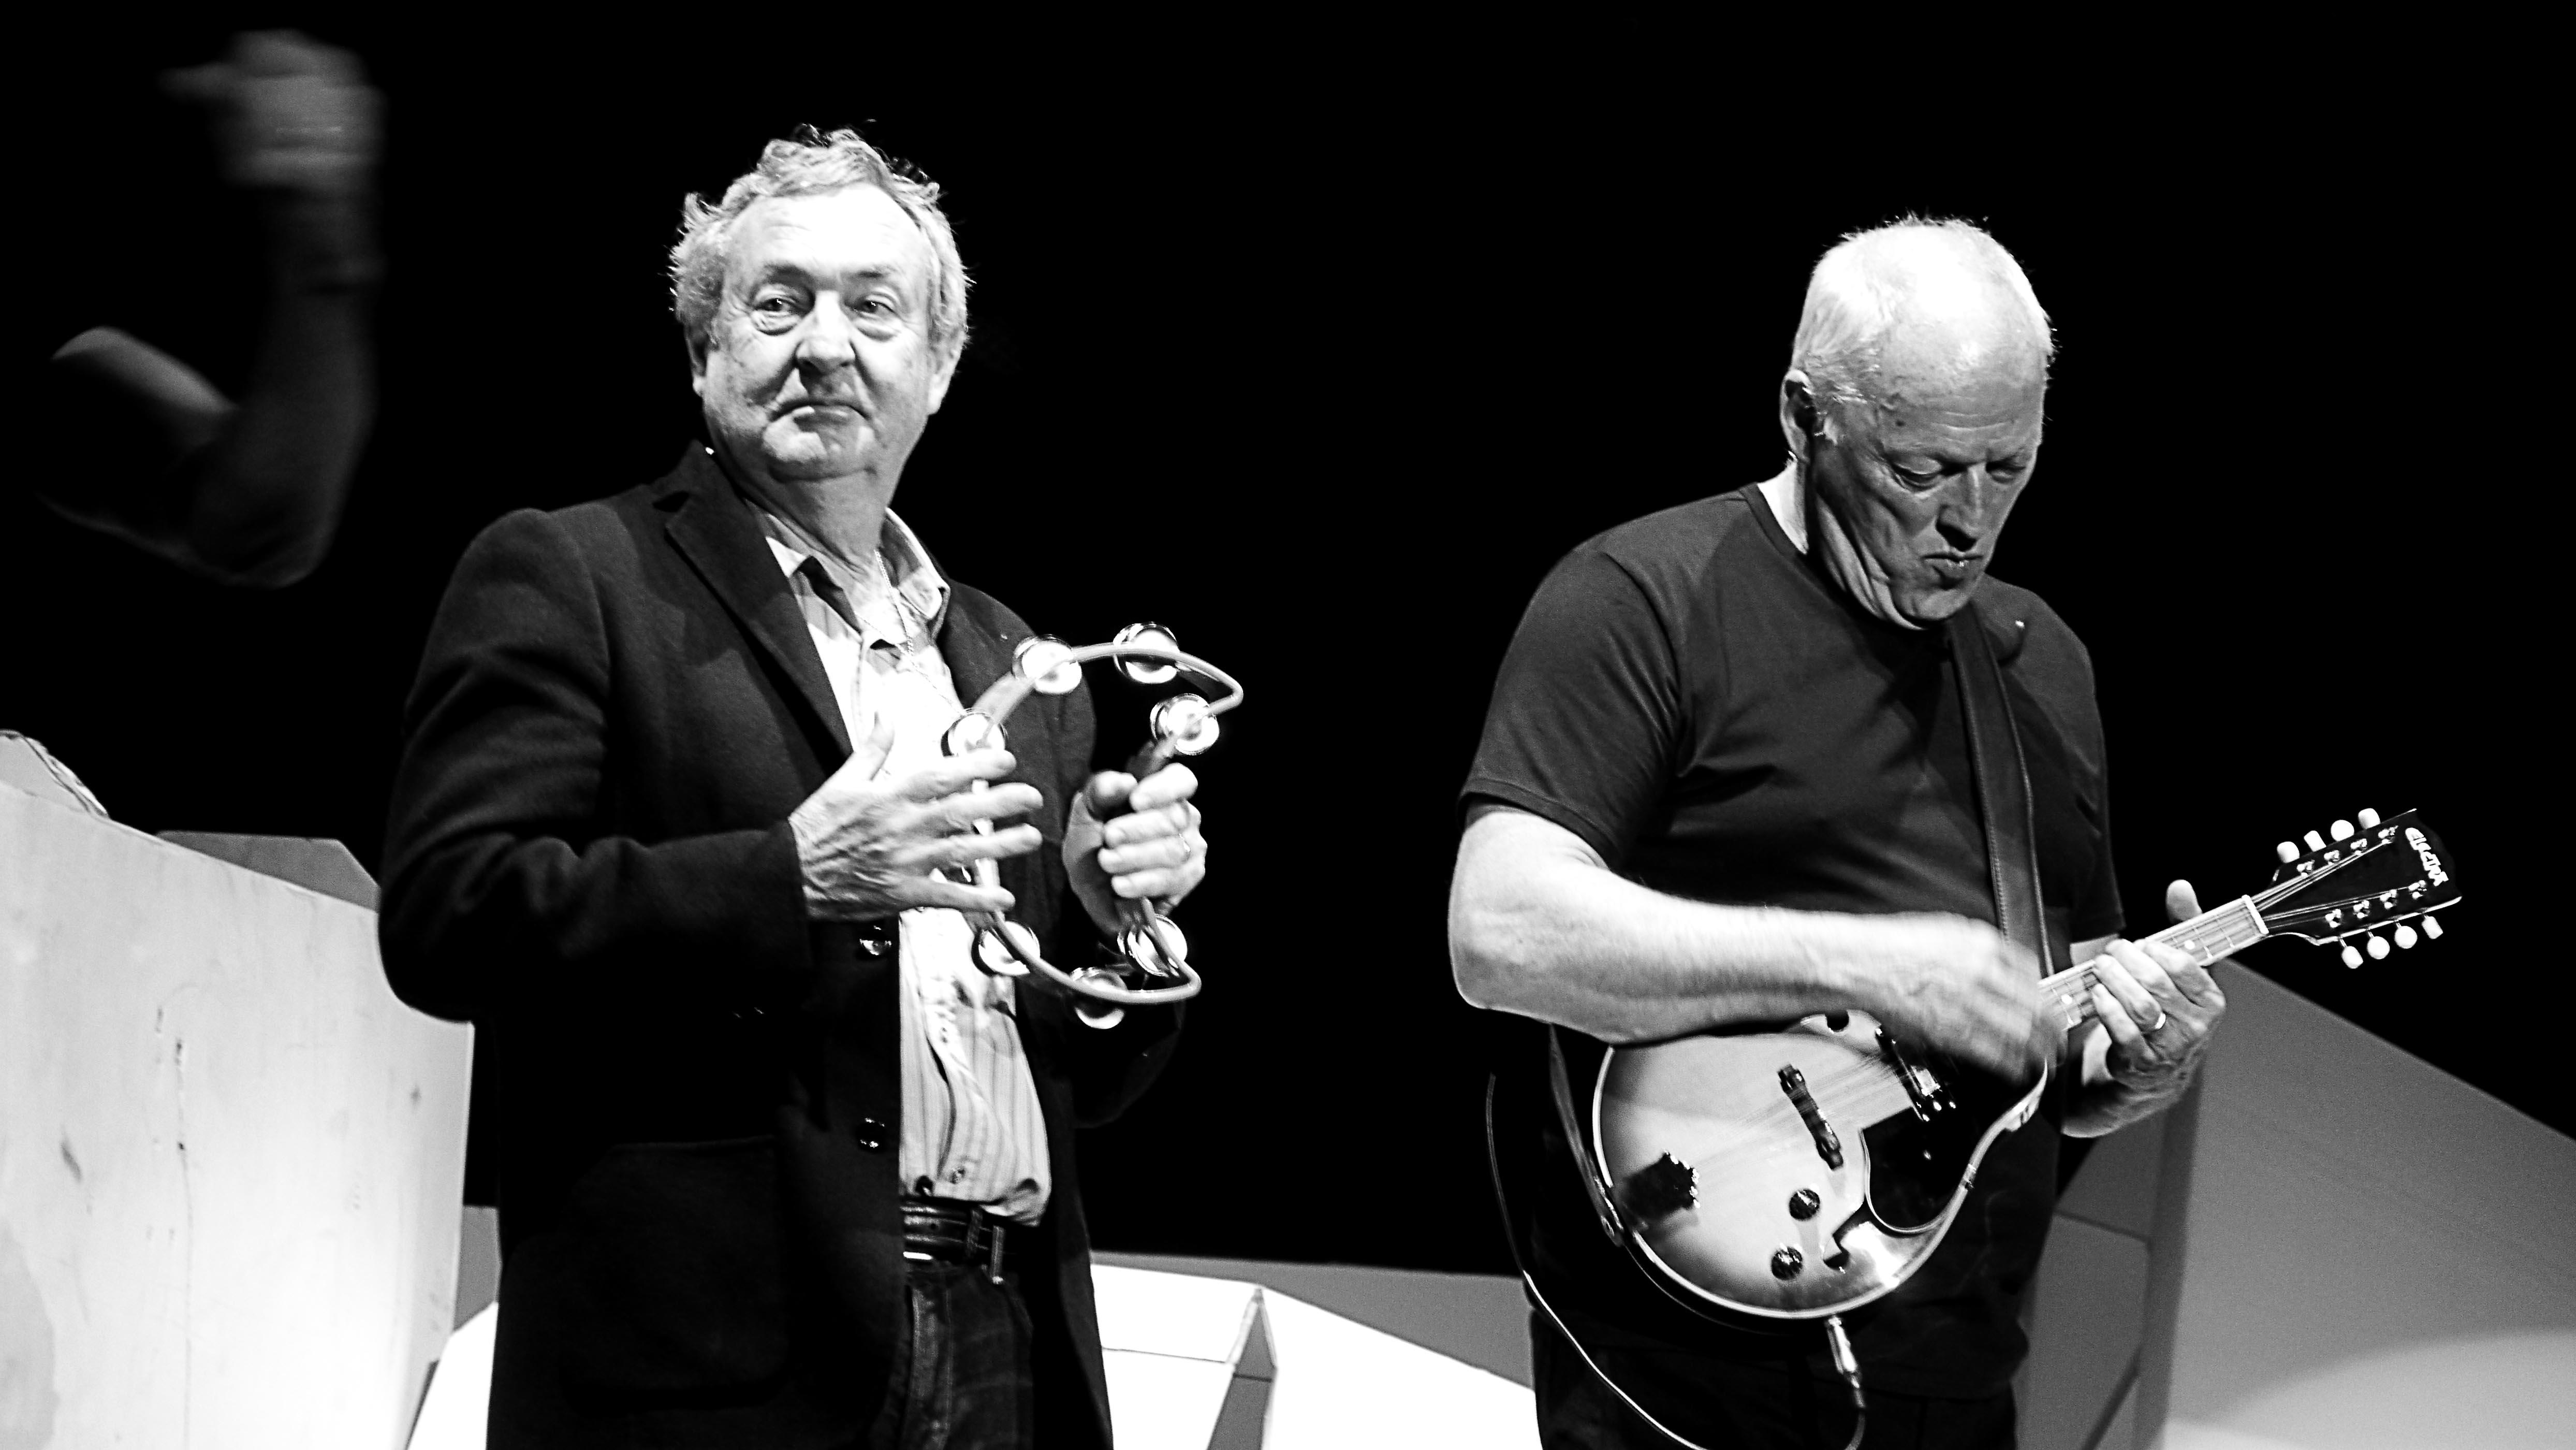 Prezzi biglietti e scaletta David Gilmour Arena di Verona 10 luglio 2016